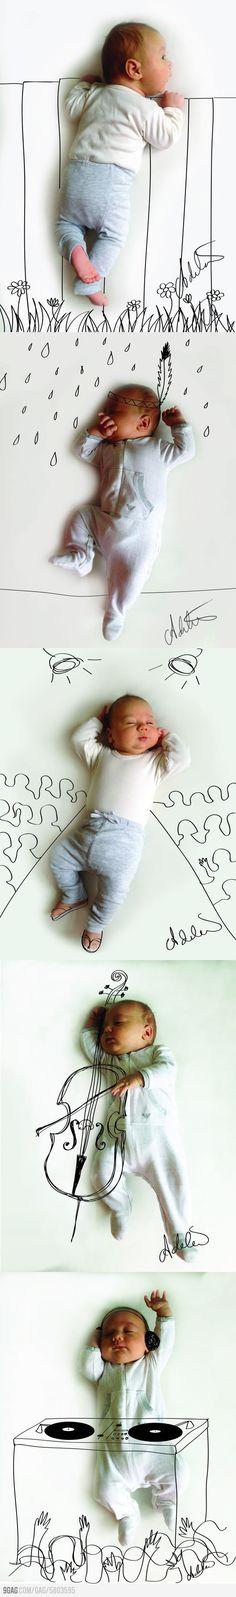 Leuk idee om te tekenen op je kinderfotos!